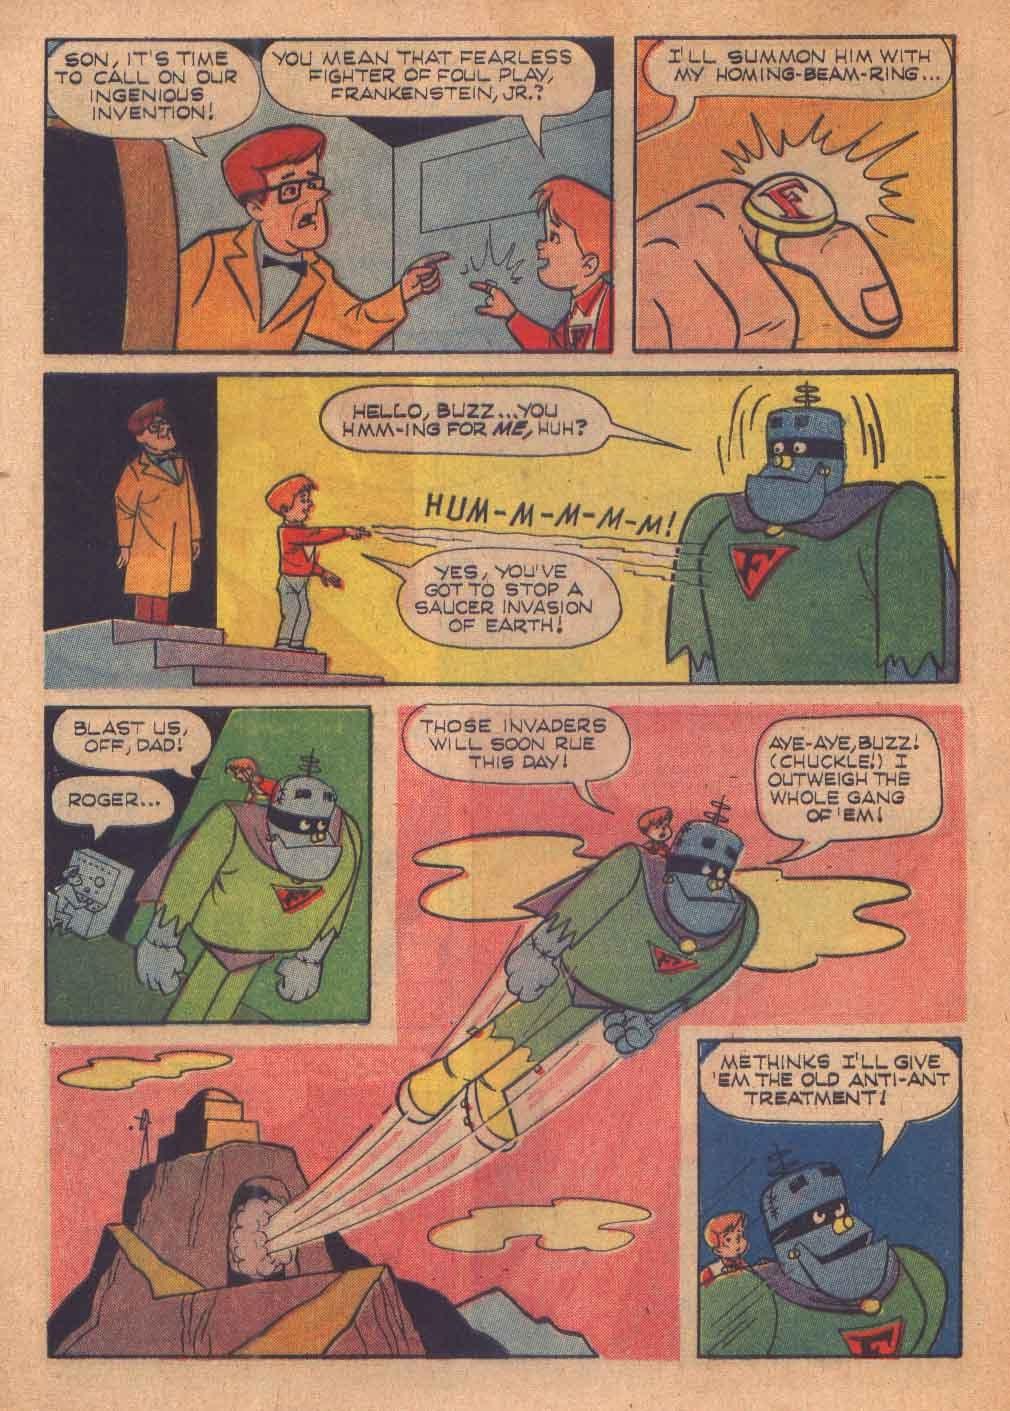 Read online Frankenstein, Jr. comic -  Issue # Full - 5